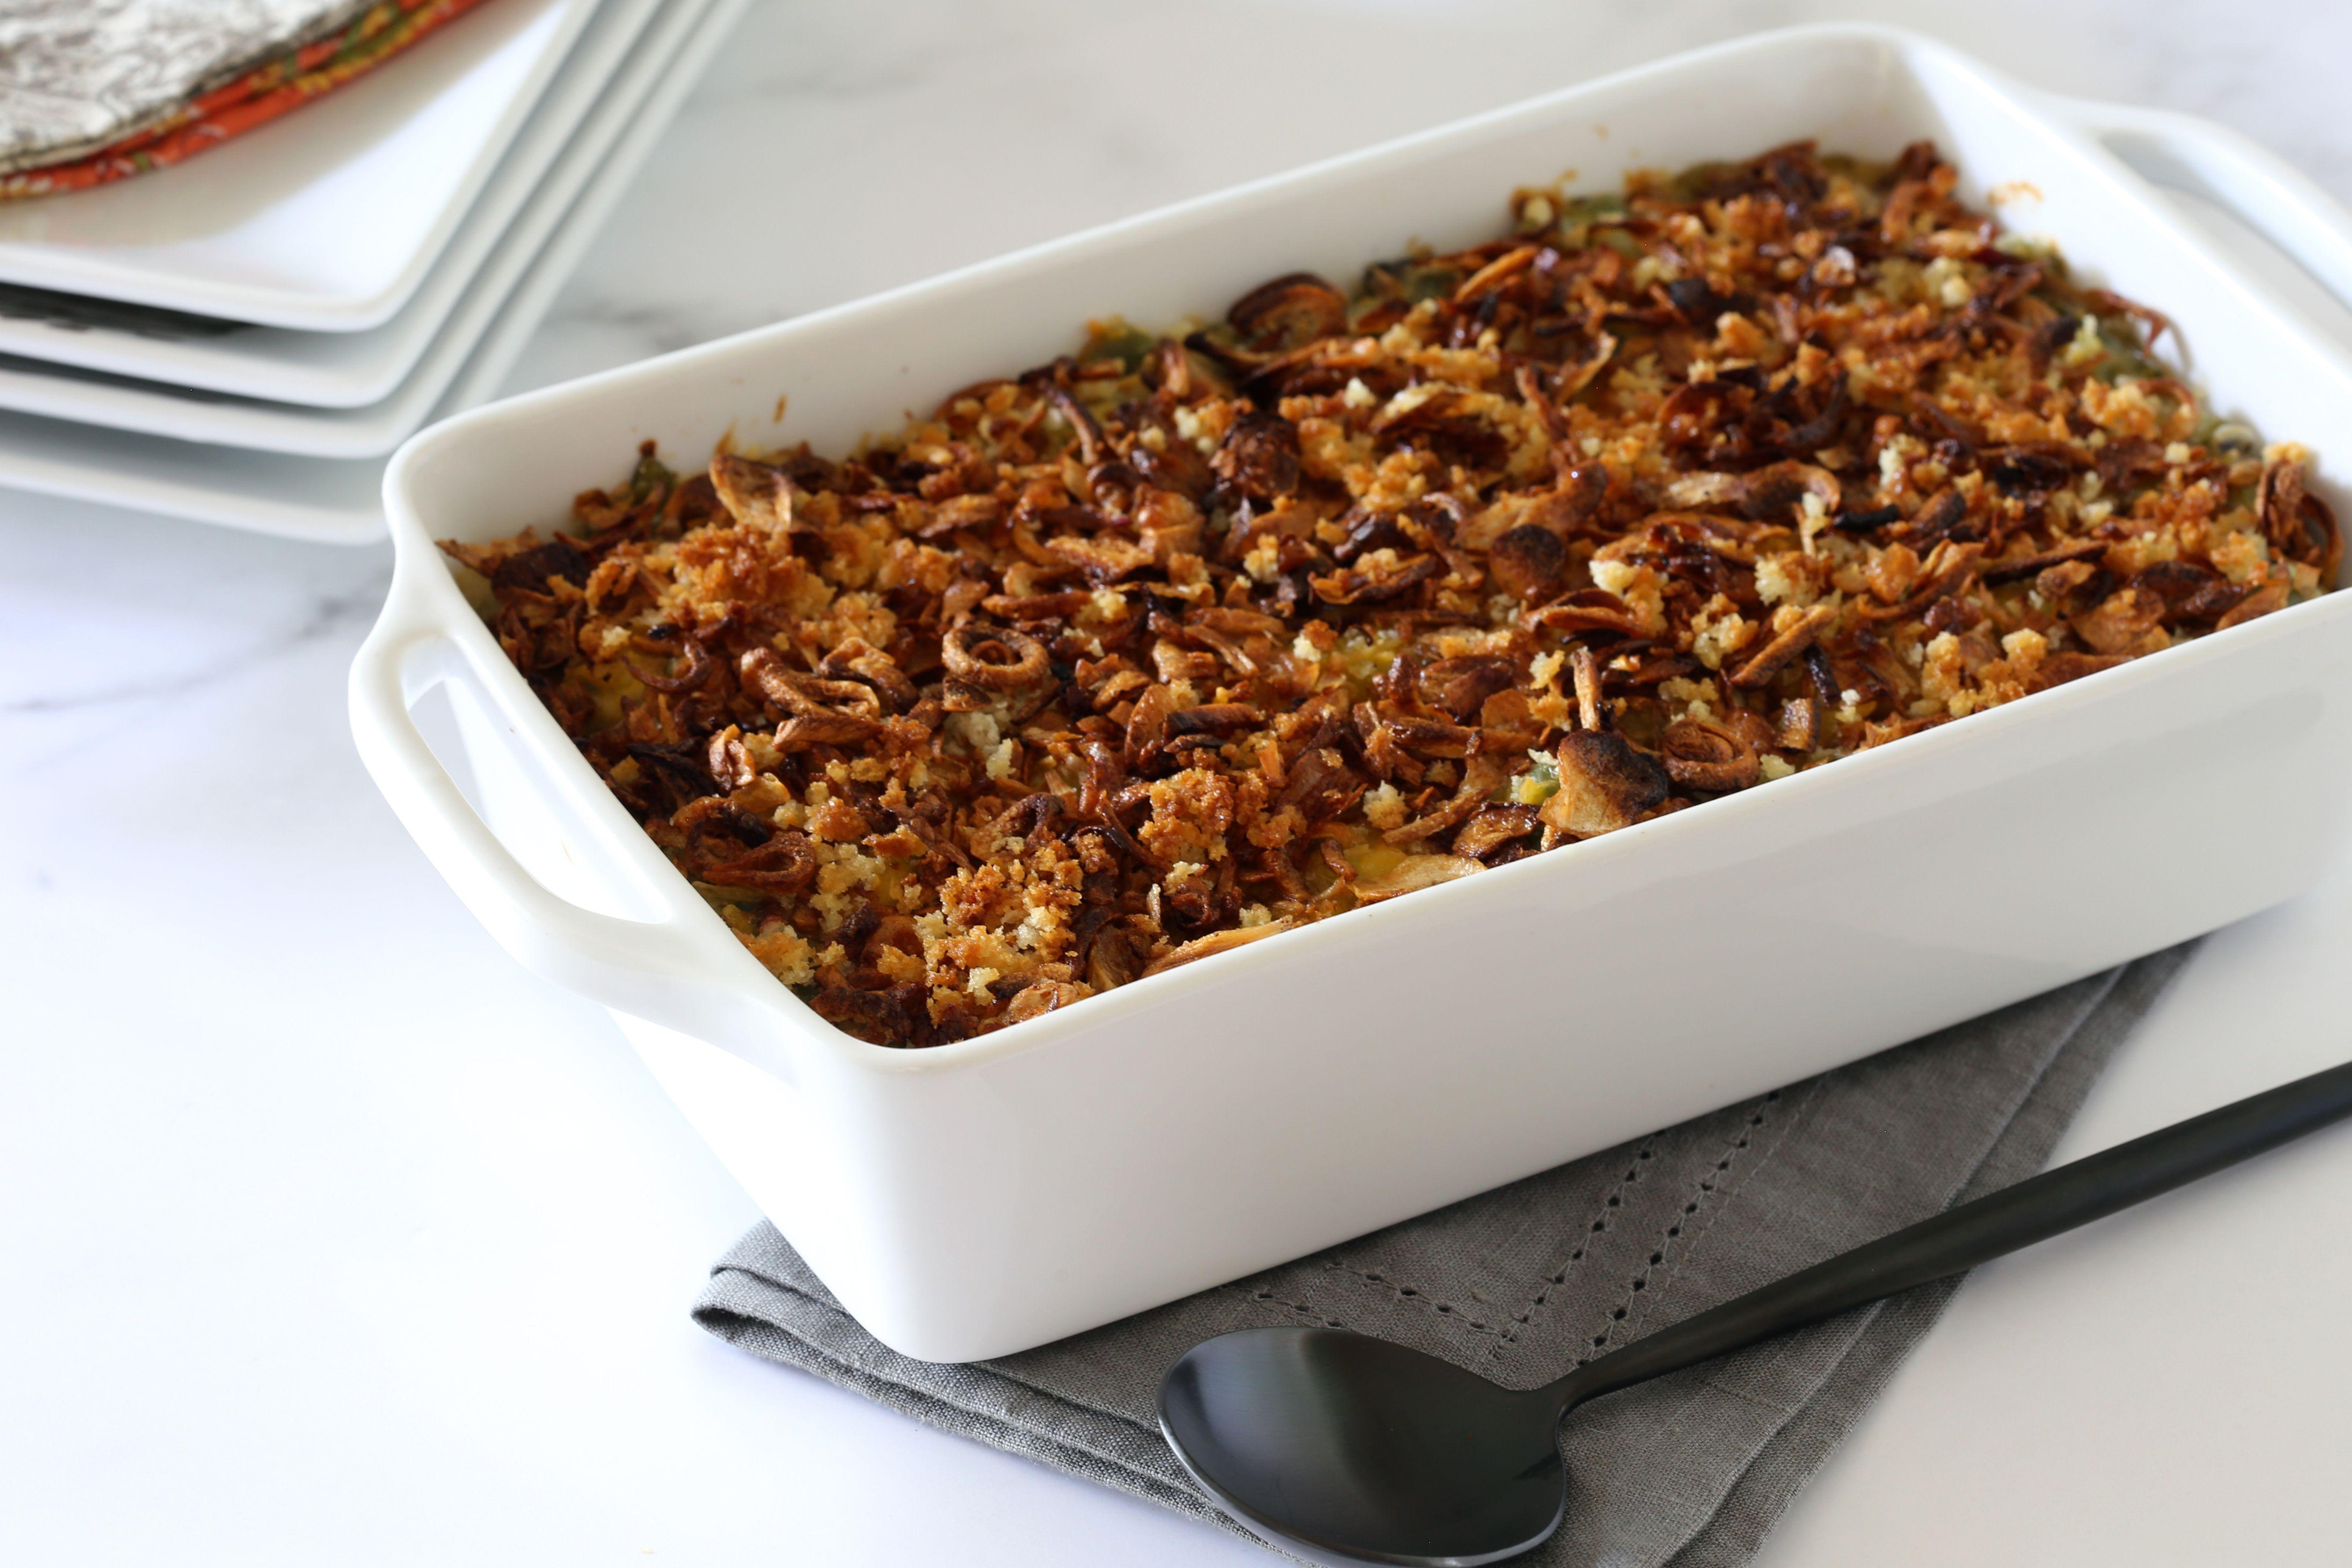 Instant Pot Green Bean Casserole, Baking Dish